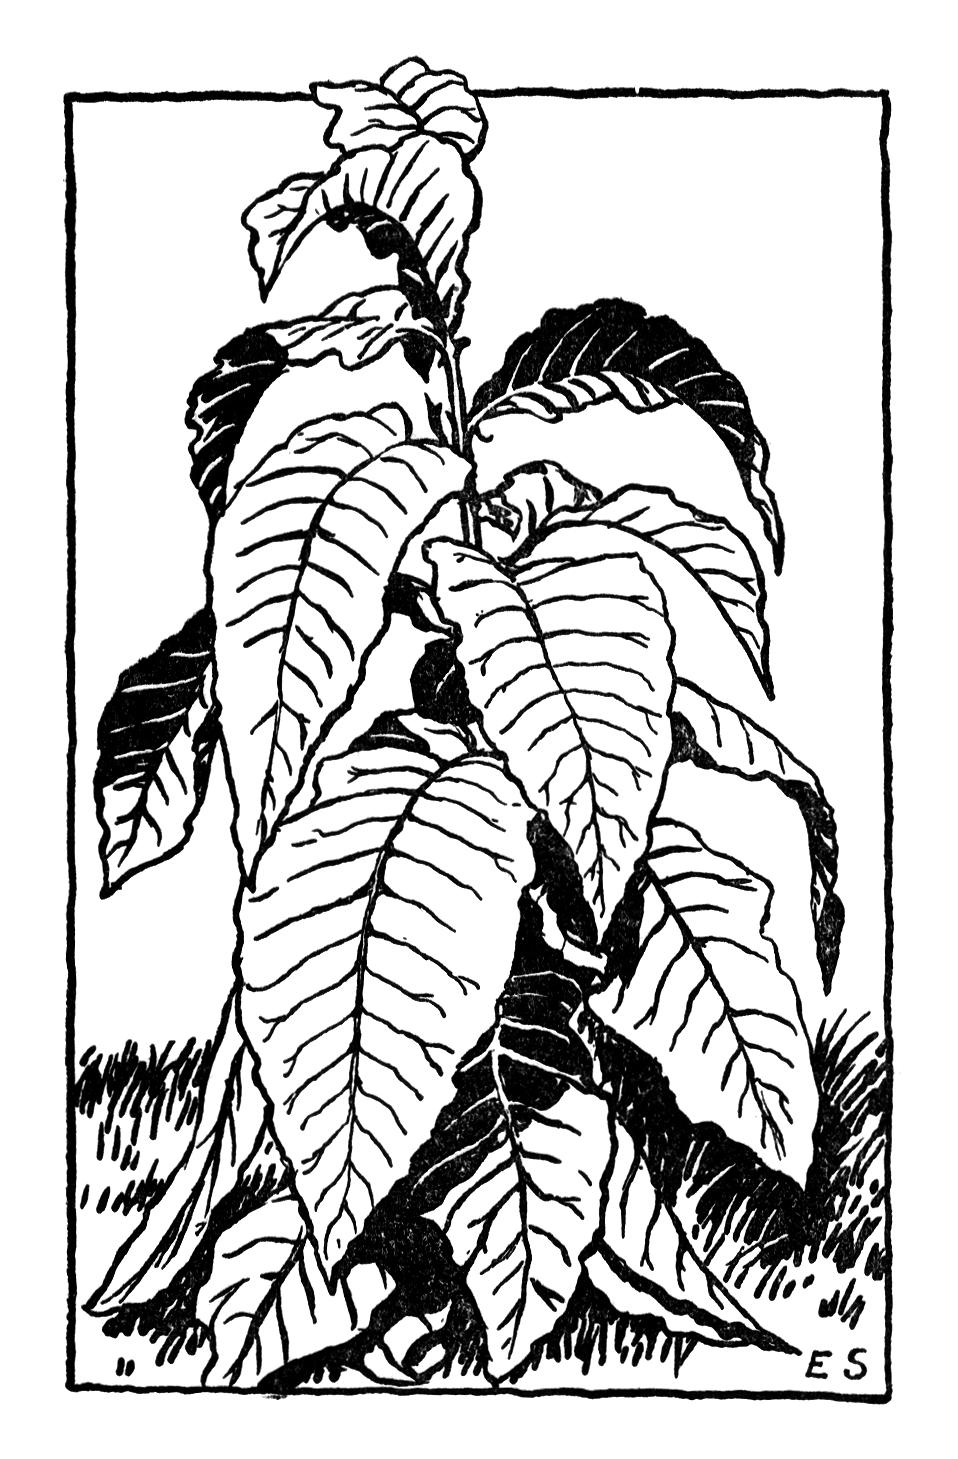 13353 Vintage Illustration Of A Tobacco Plant Pv Png 958 1459 Vintage Illustration Leaves Illustration Tobacco Leaf